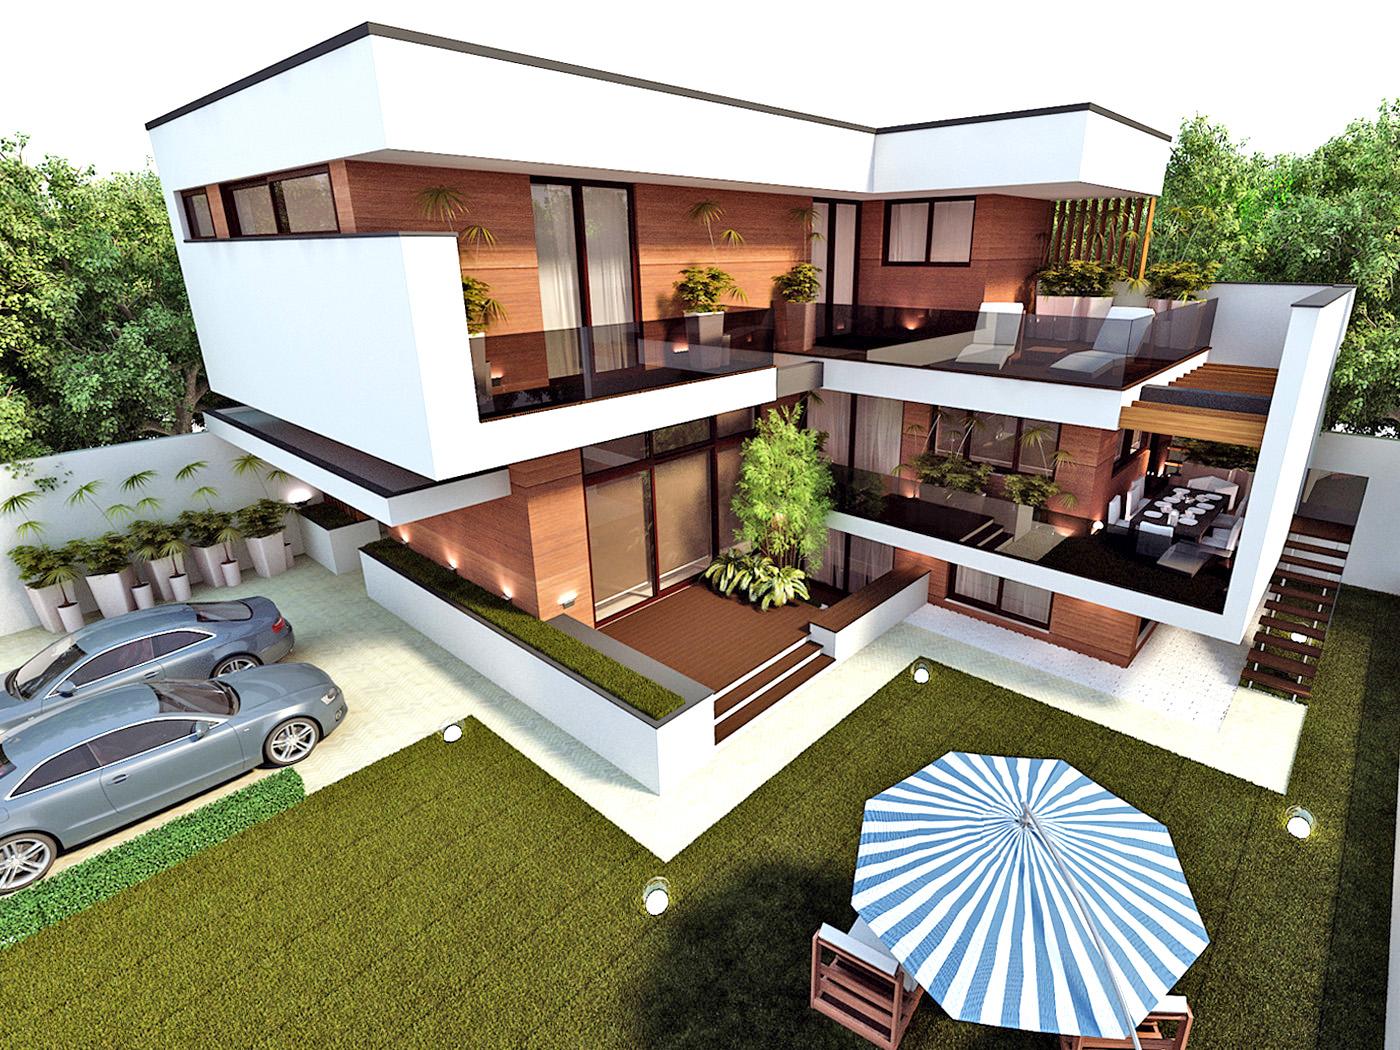 ProiectLocuinta102